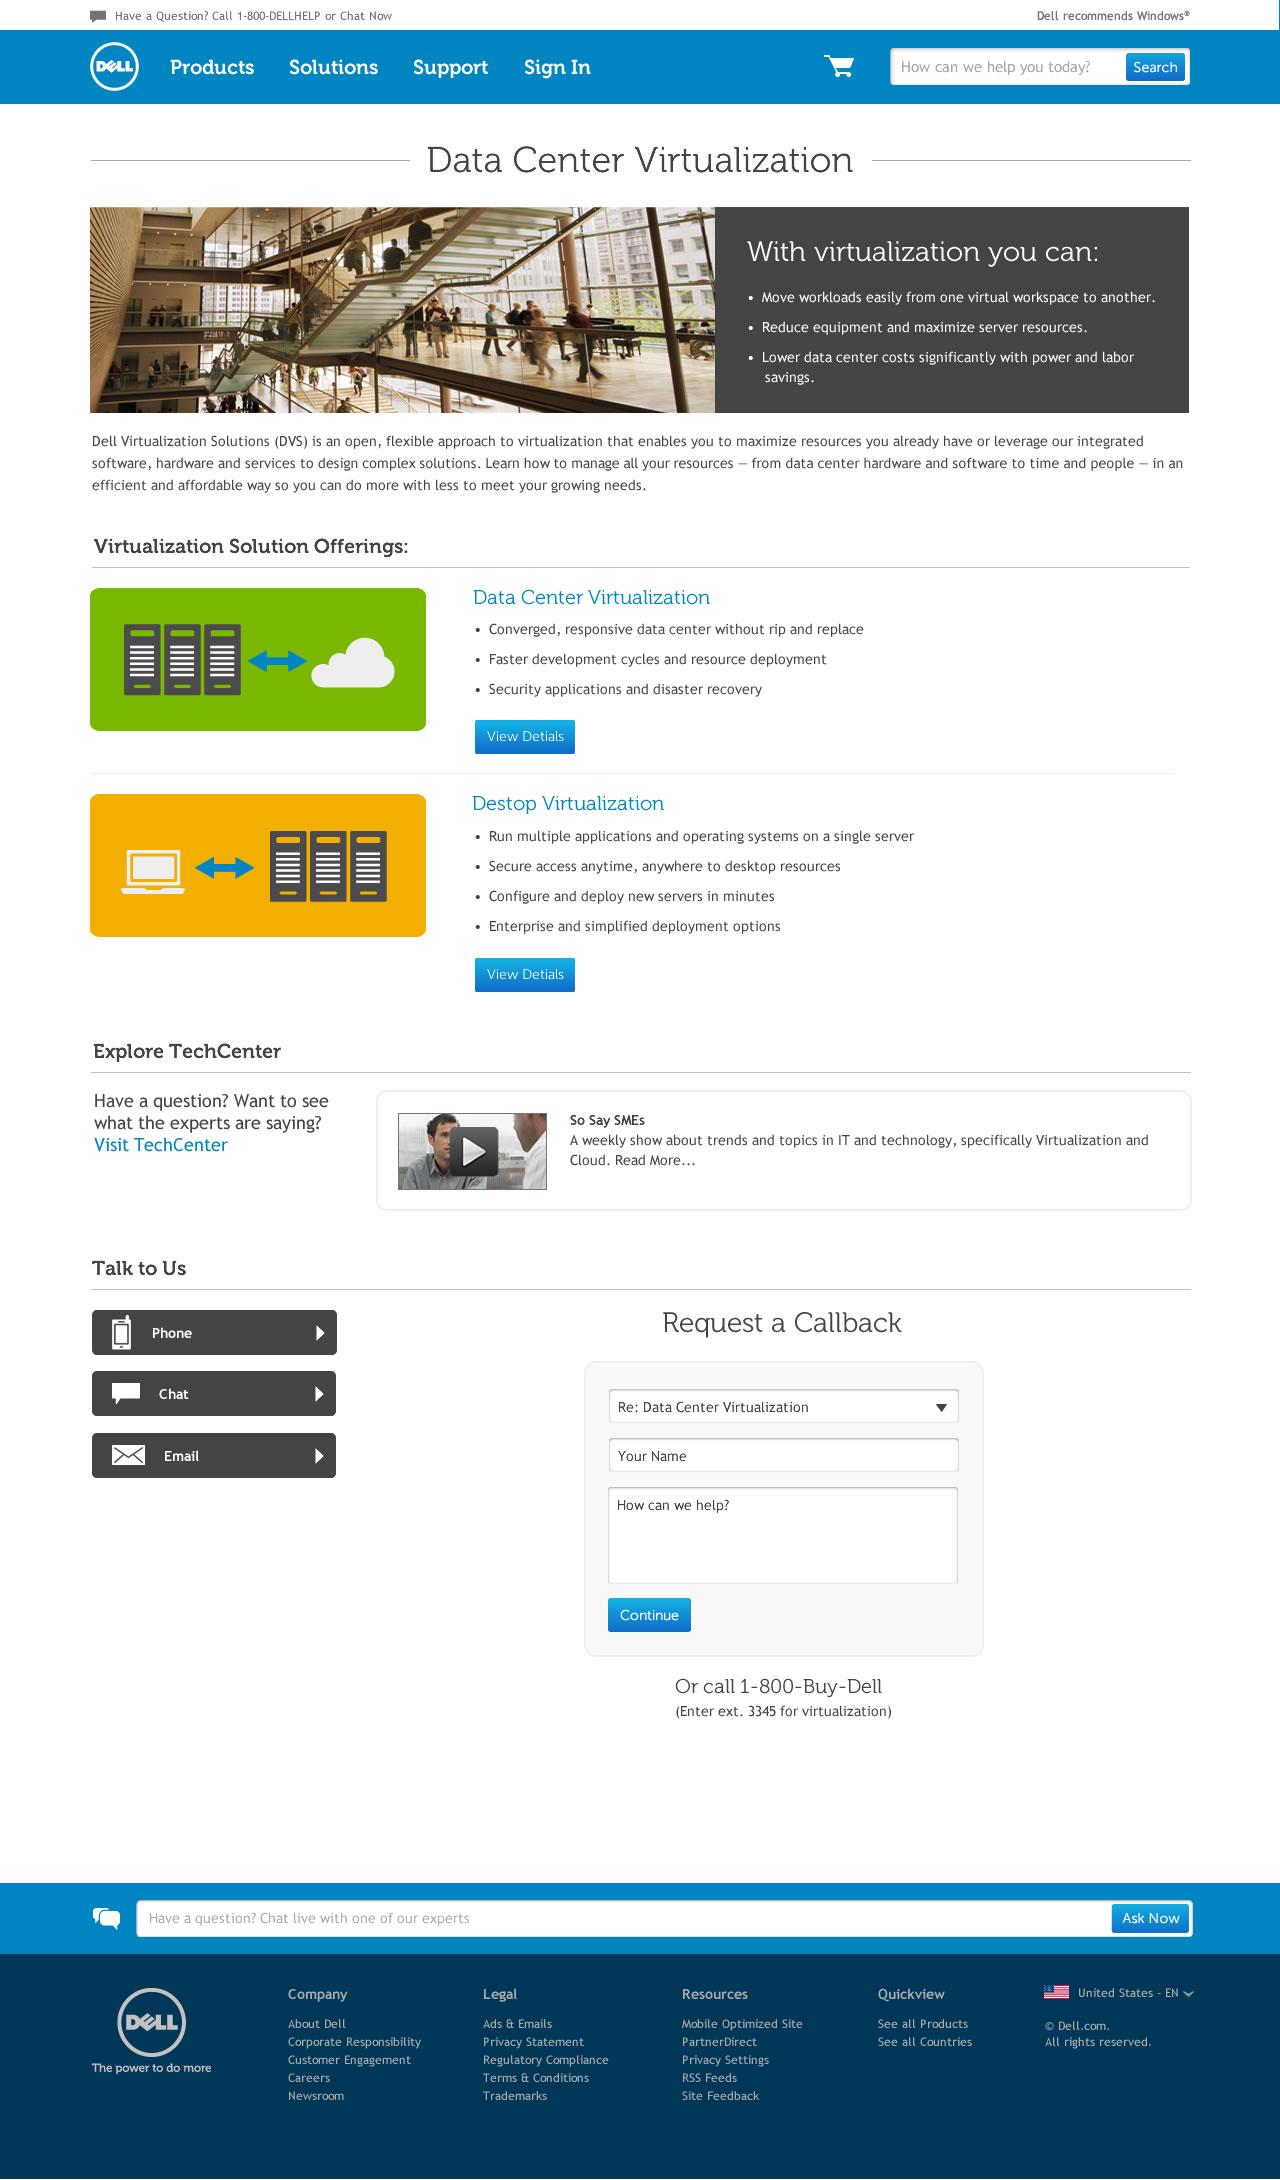 enterprise solutions details page